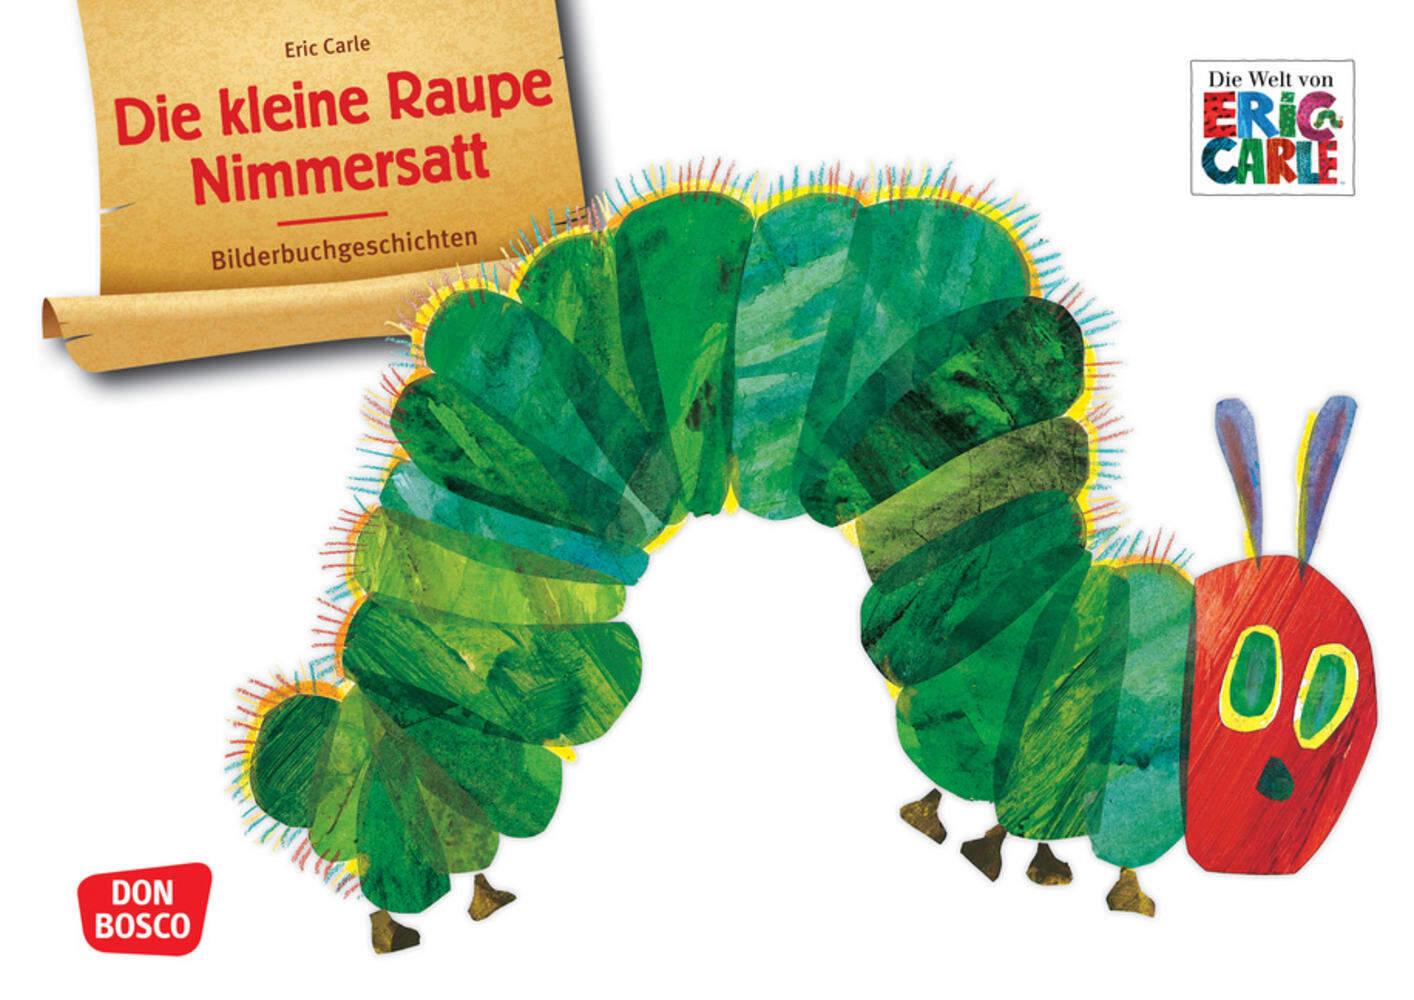 Die kleine Raupe Nimmersatt. Kamishibai Bildkartenset. als sonstige Artikel